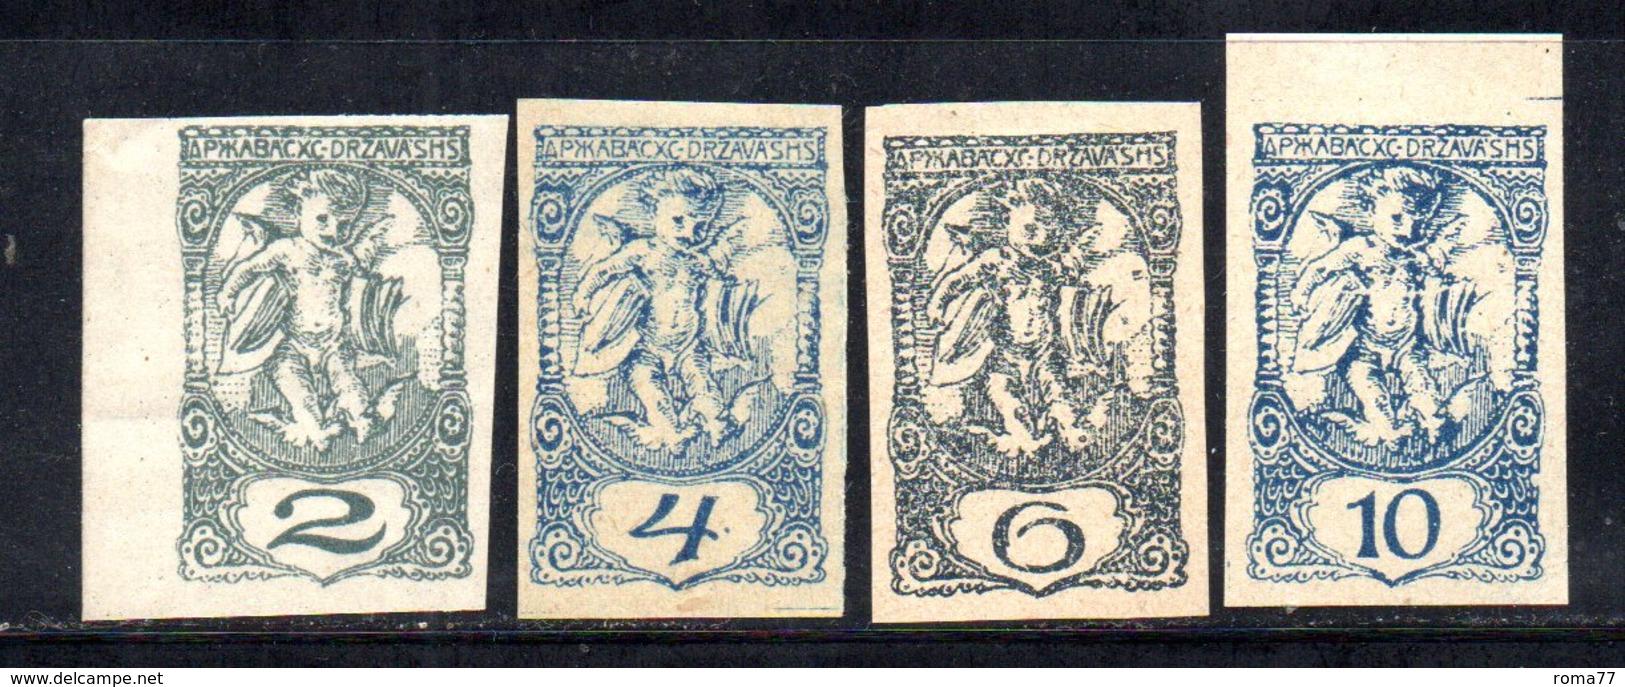 1011 490 - YUGOSLAVIA 1919 . Giornali Serie Unificato N. 10/12  Linguellata  * , - 1919-1929 Regno Dei Serbi, Croati E Sloveni